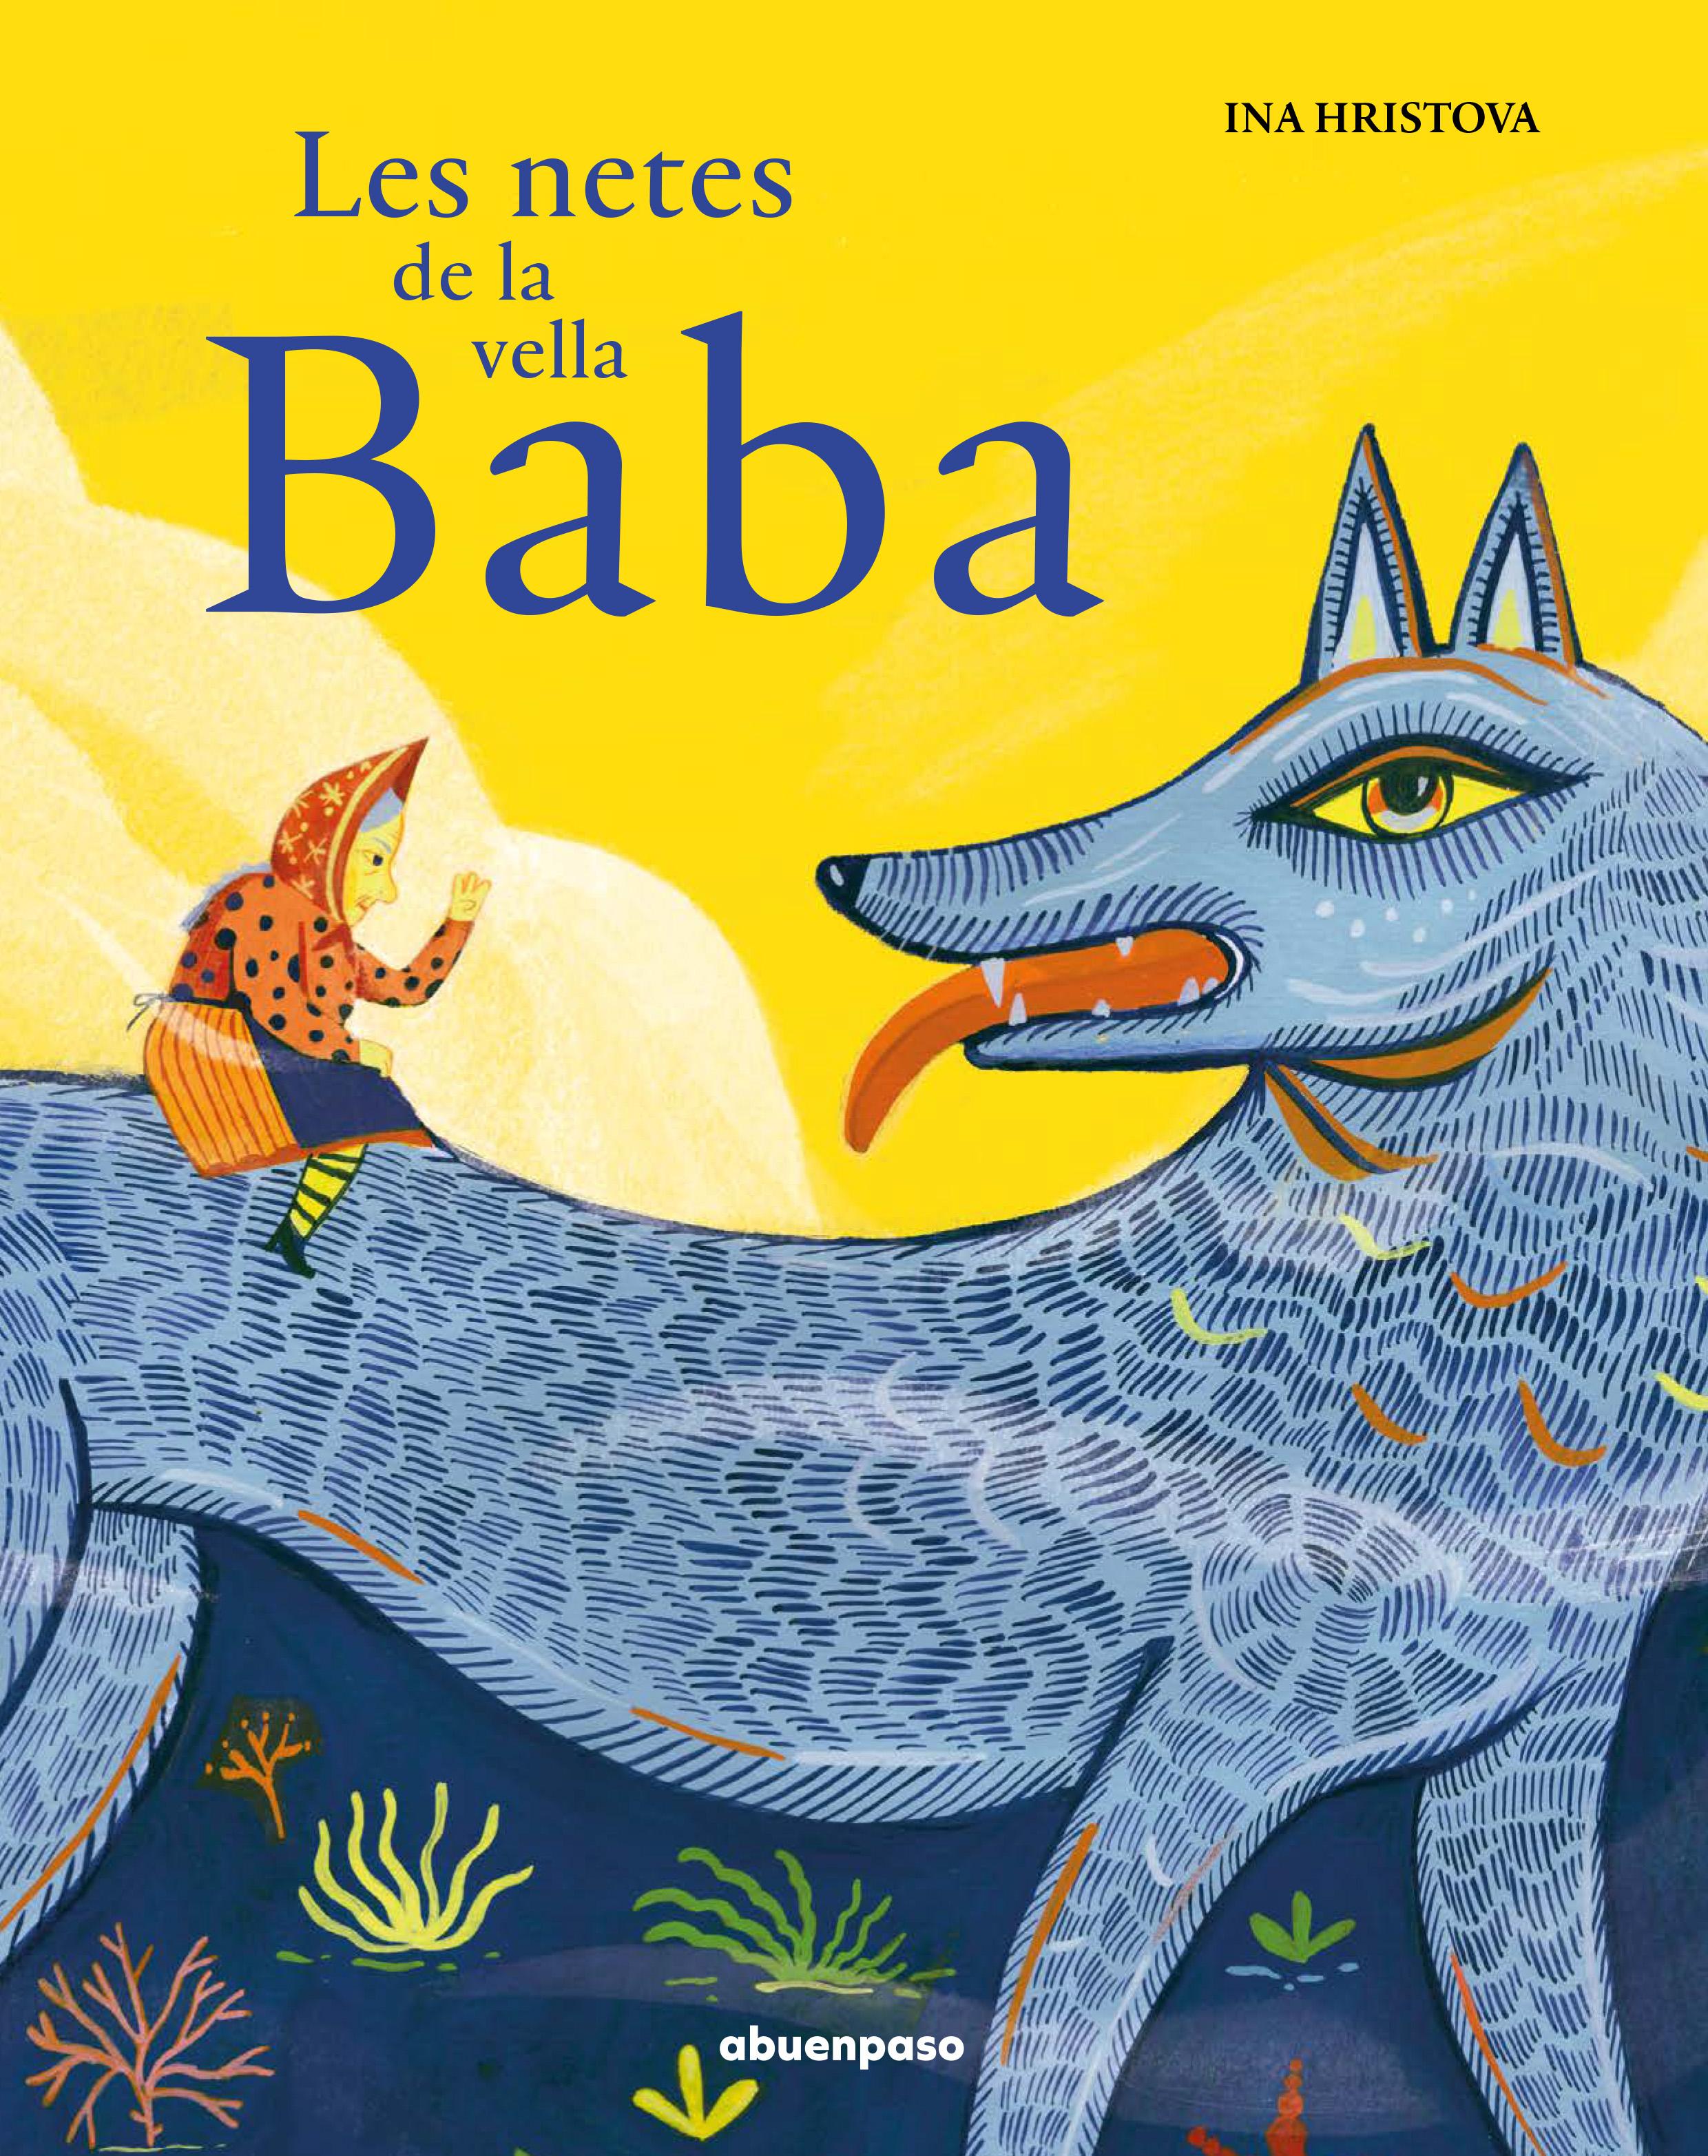 Les nétes de la vella Baba